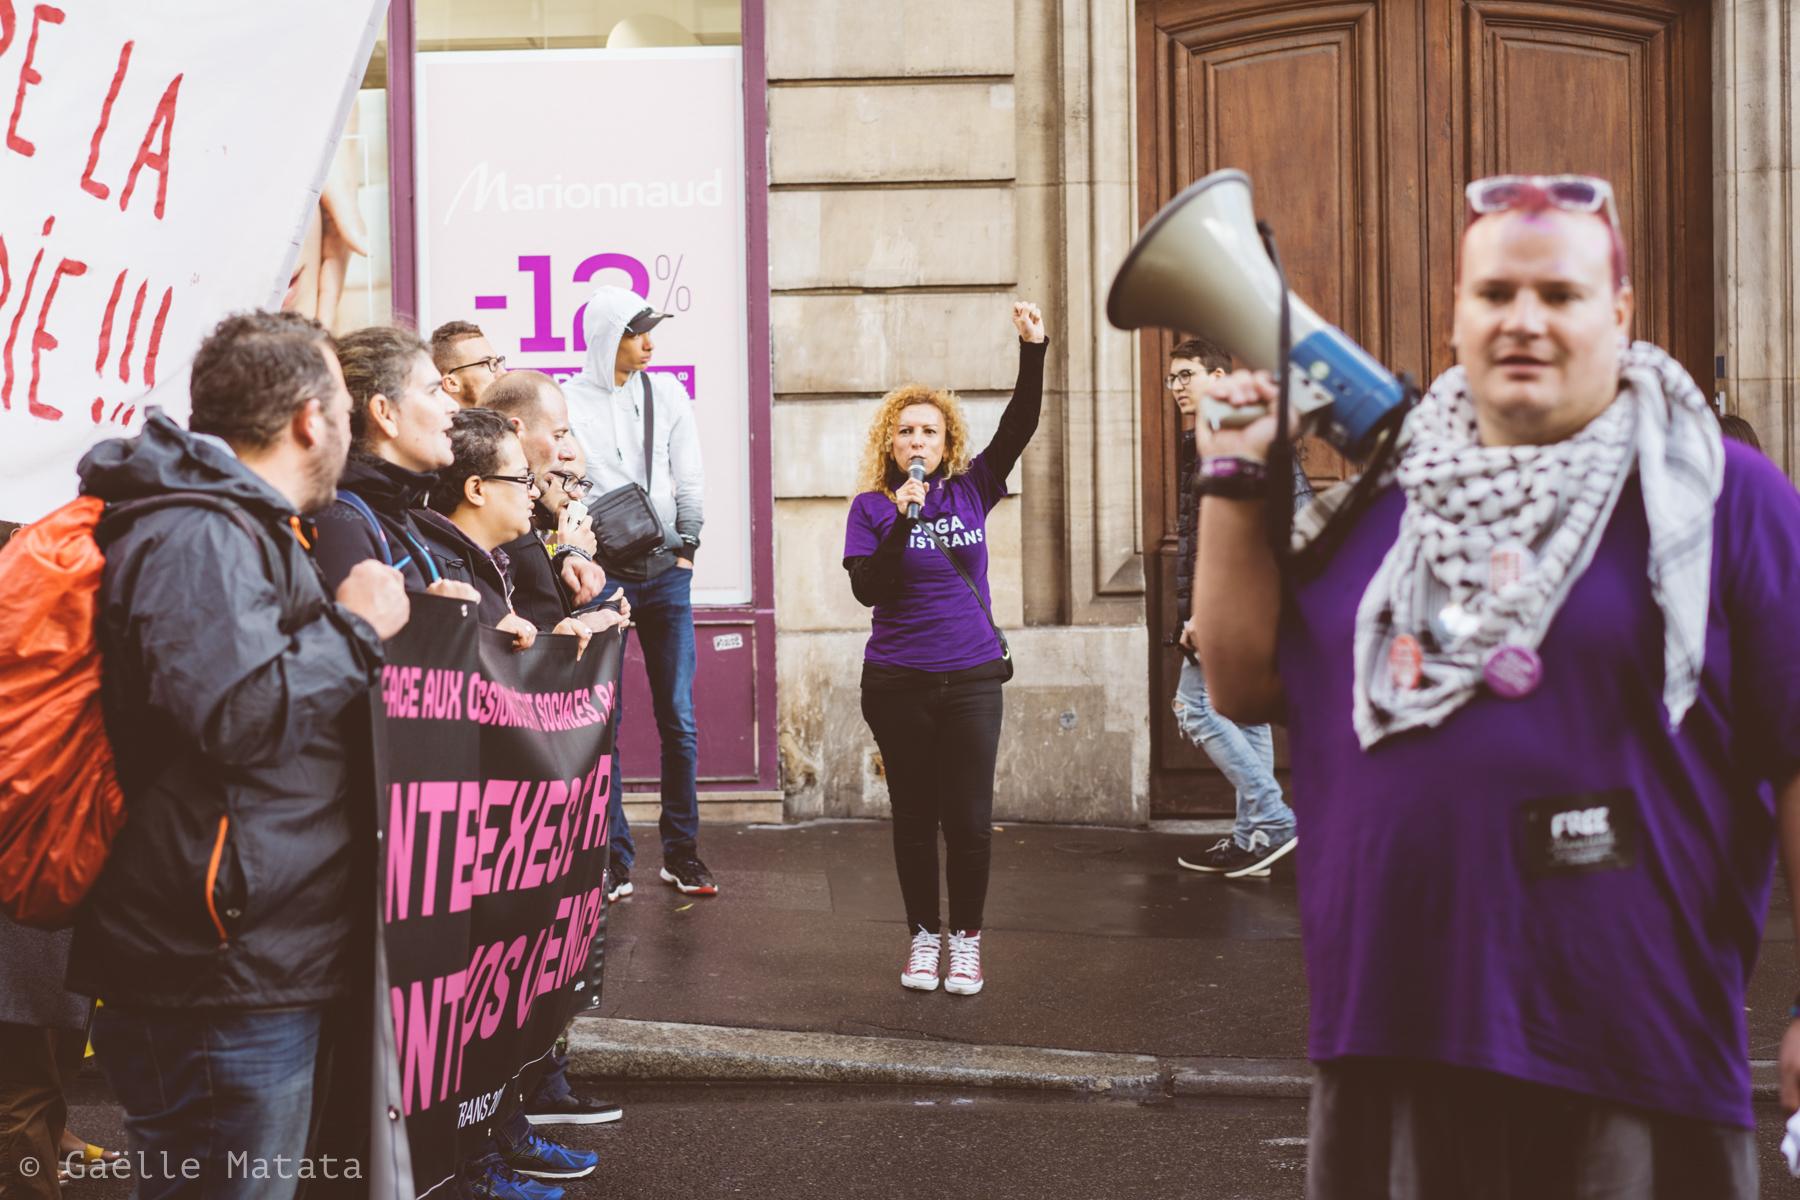 Existrans 2017 à Paris : 21ème marche des personnes trans et intersexes